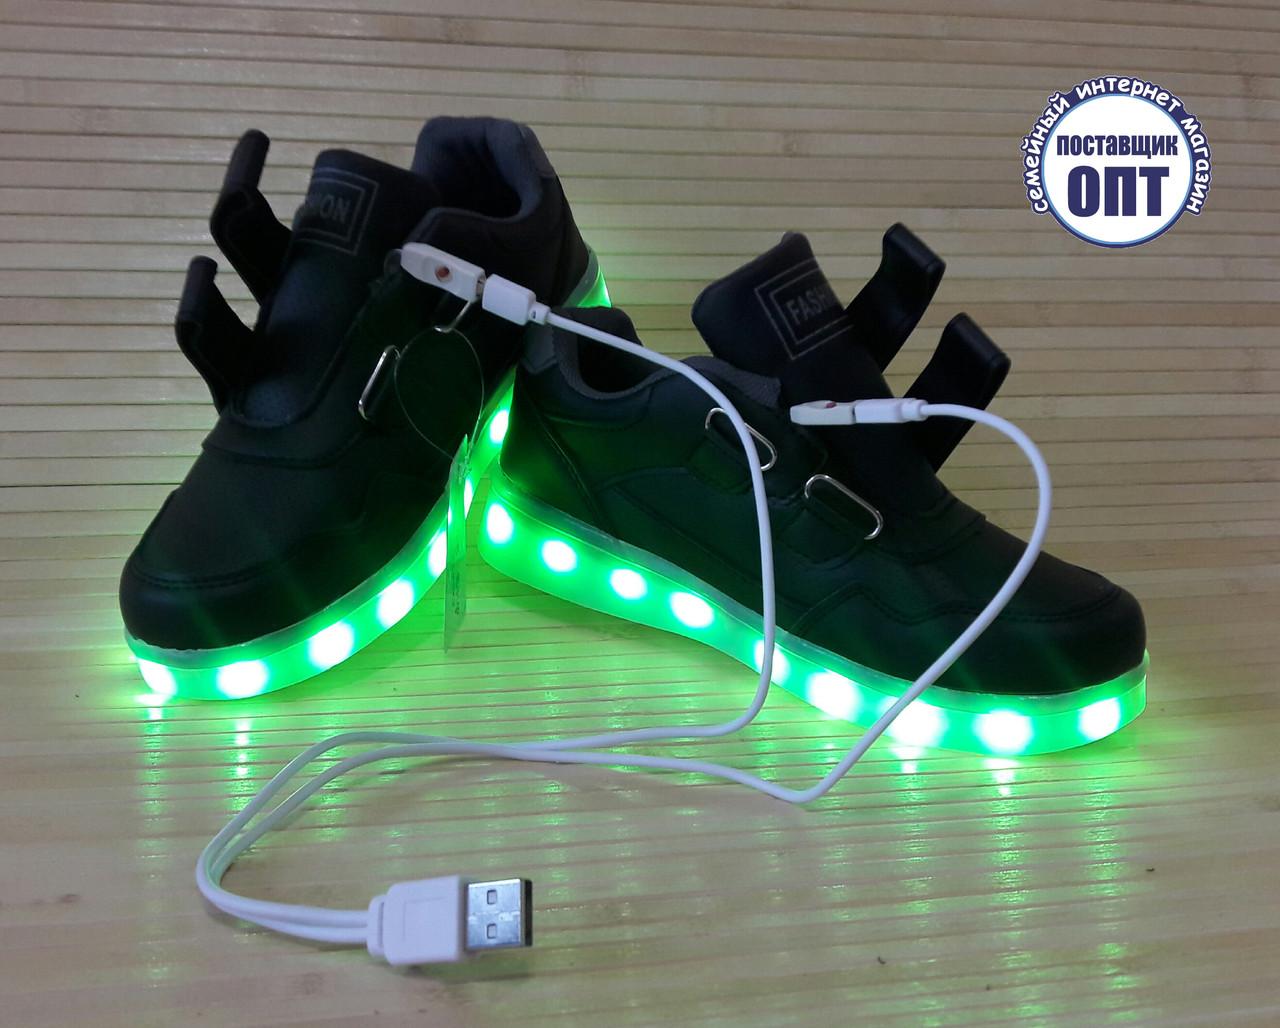 Кроссовки со светящей LED подошвой зарядка USB кабелем 35 размер